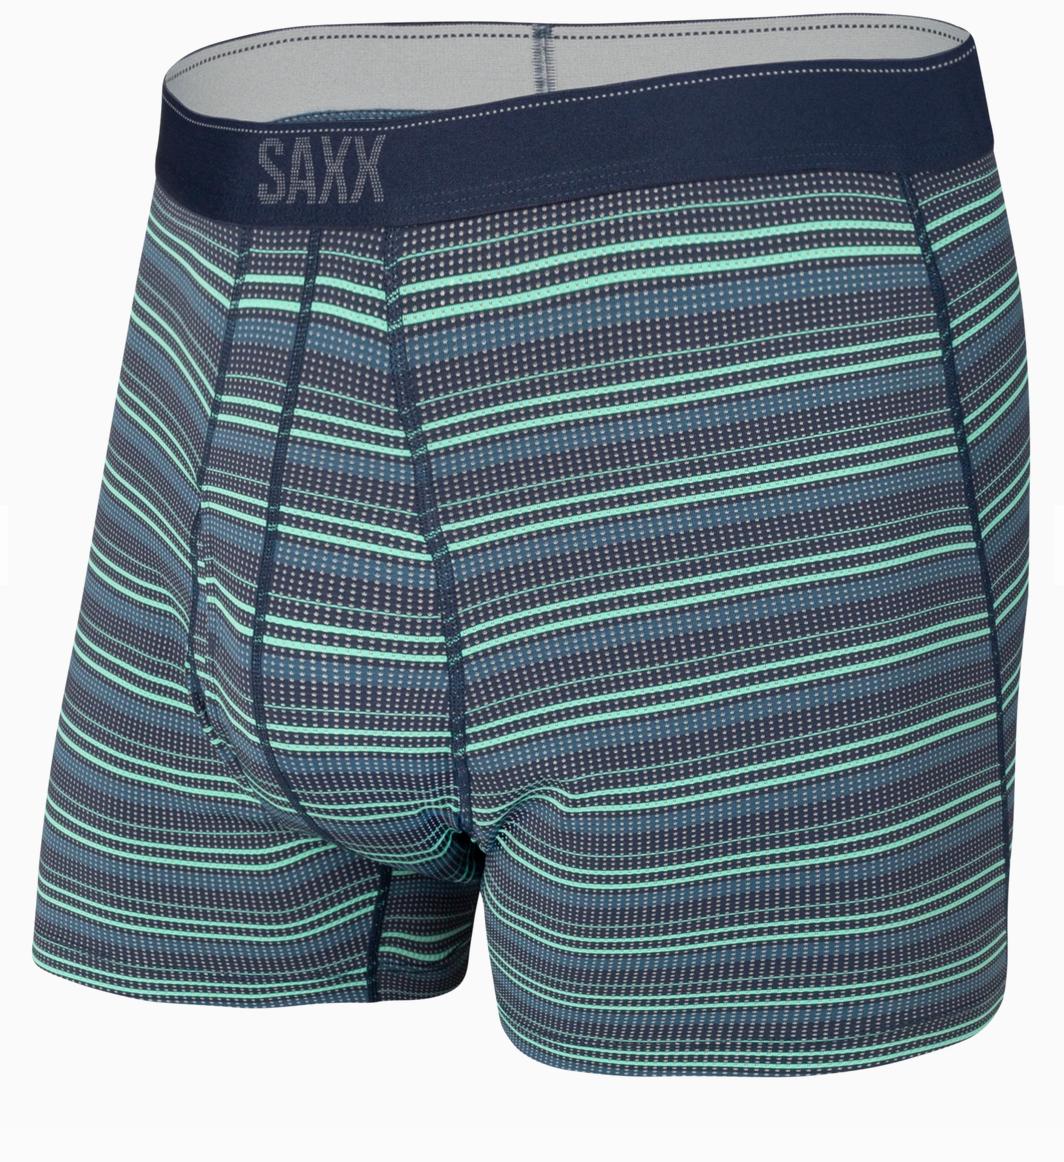 Quest Boxer Brief Green Sunruse Stripe-1